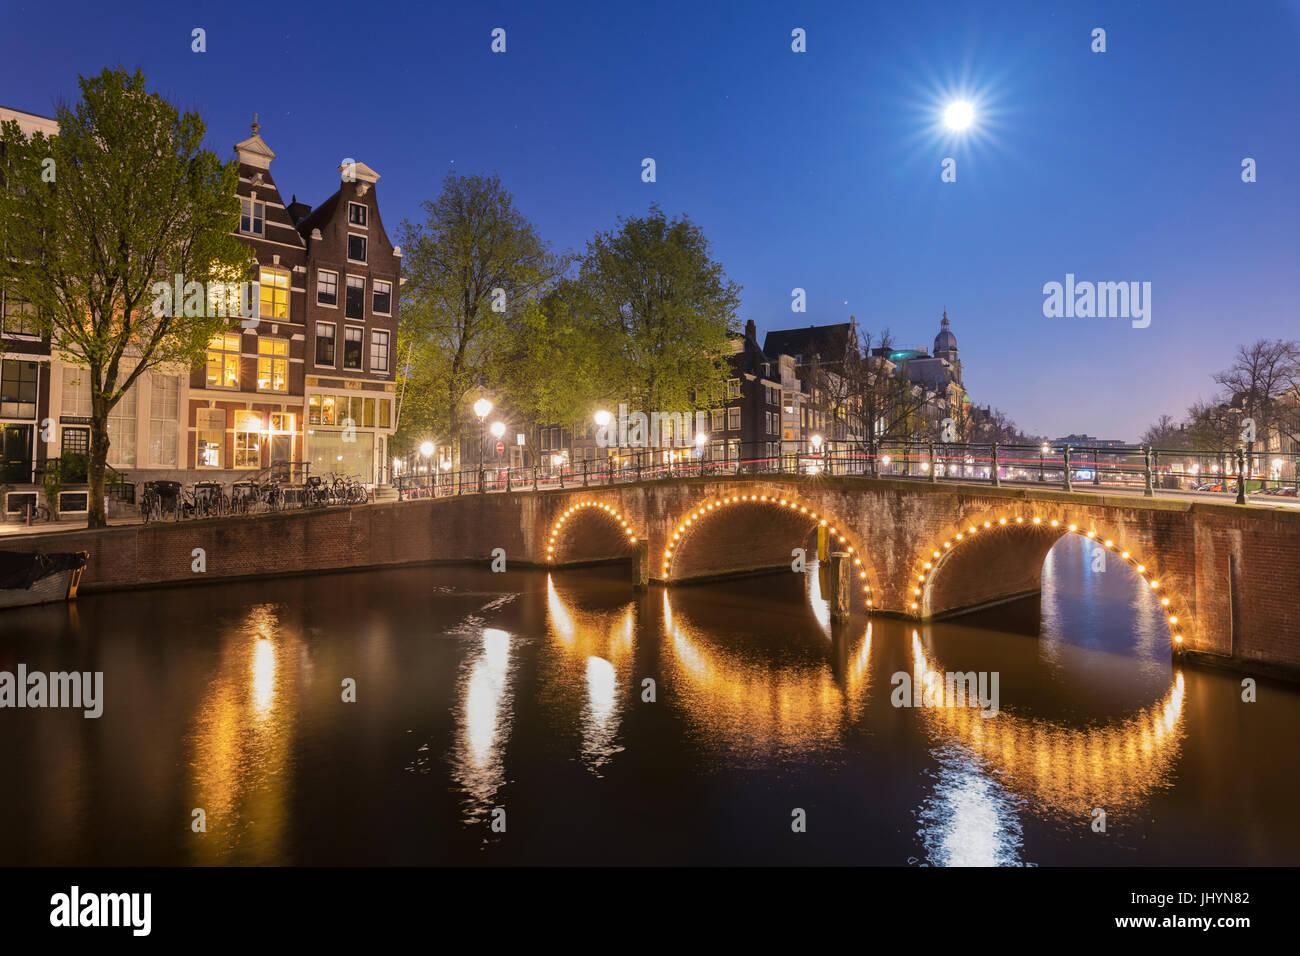 Licht Tour Amsterdam : Dämmerung licht auf typische gebäude und brücken spiegelt sich in